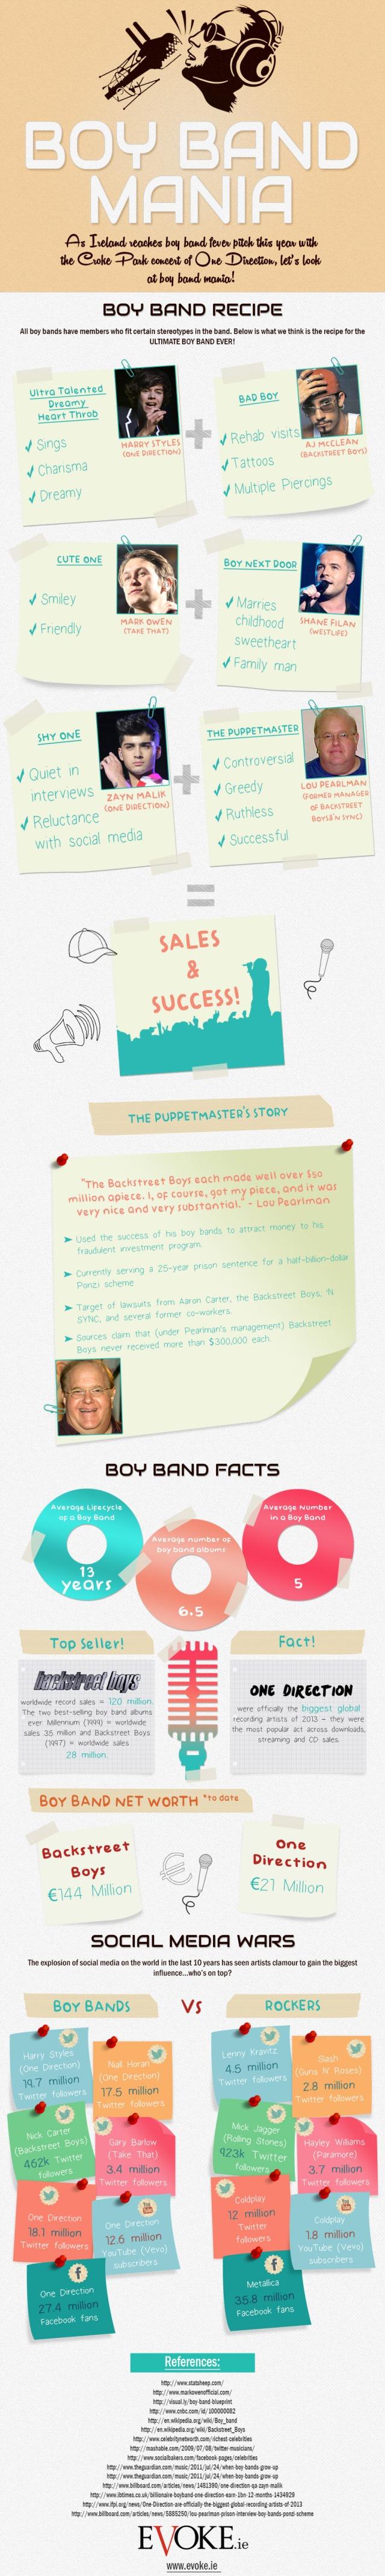 Boyband stats